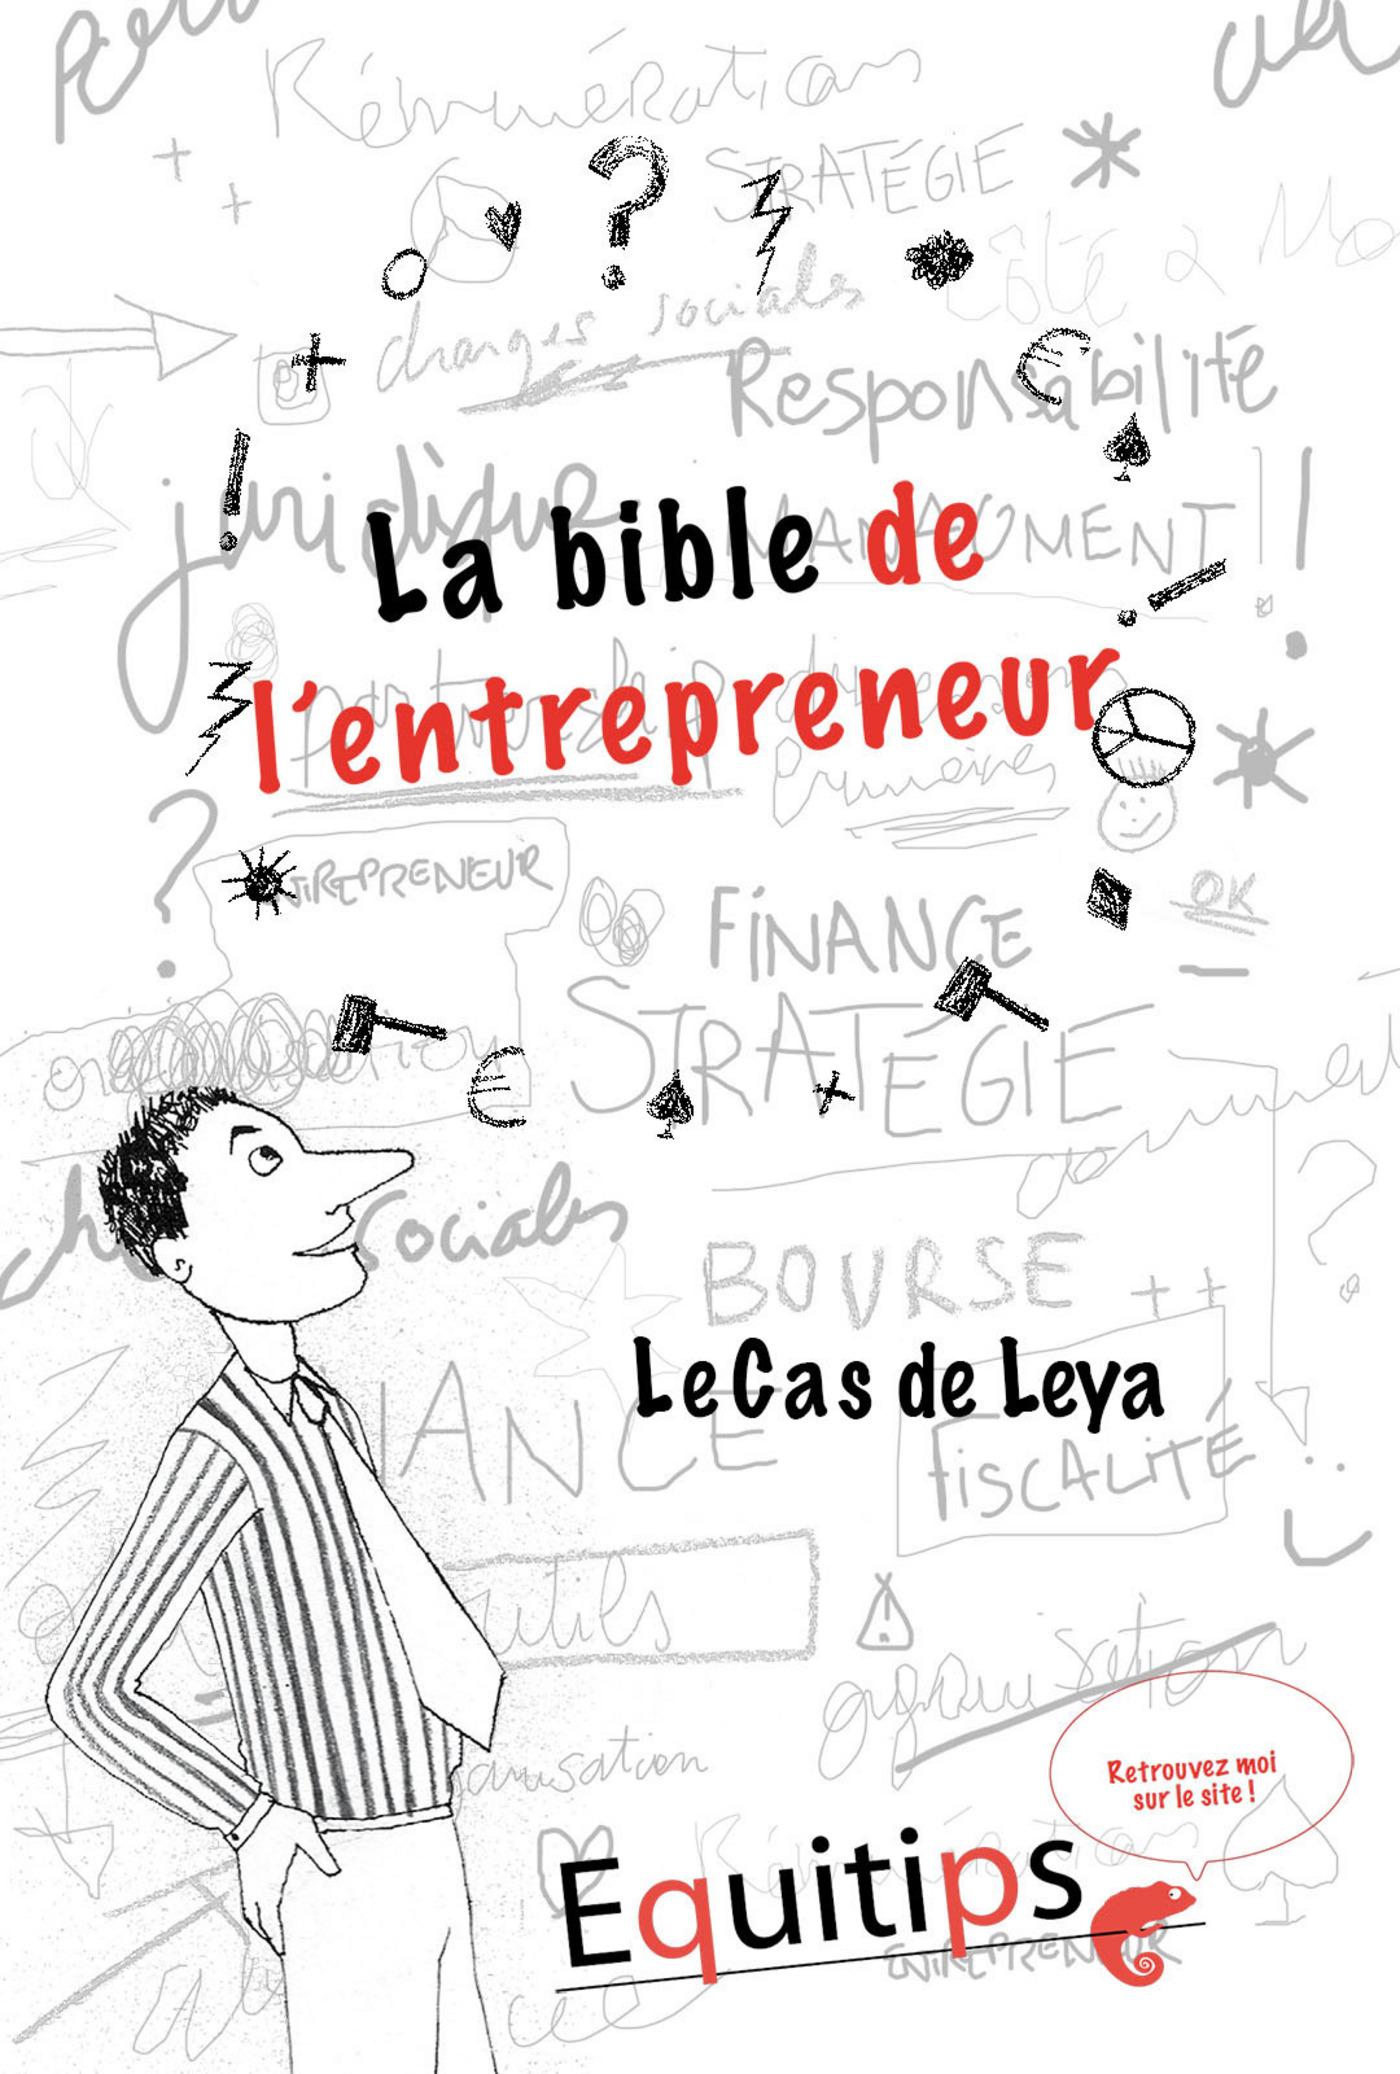 La bible de l'entrepreneur Leya : cas numéro 1/12 (ebook)